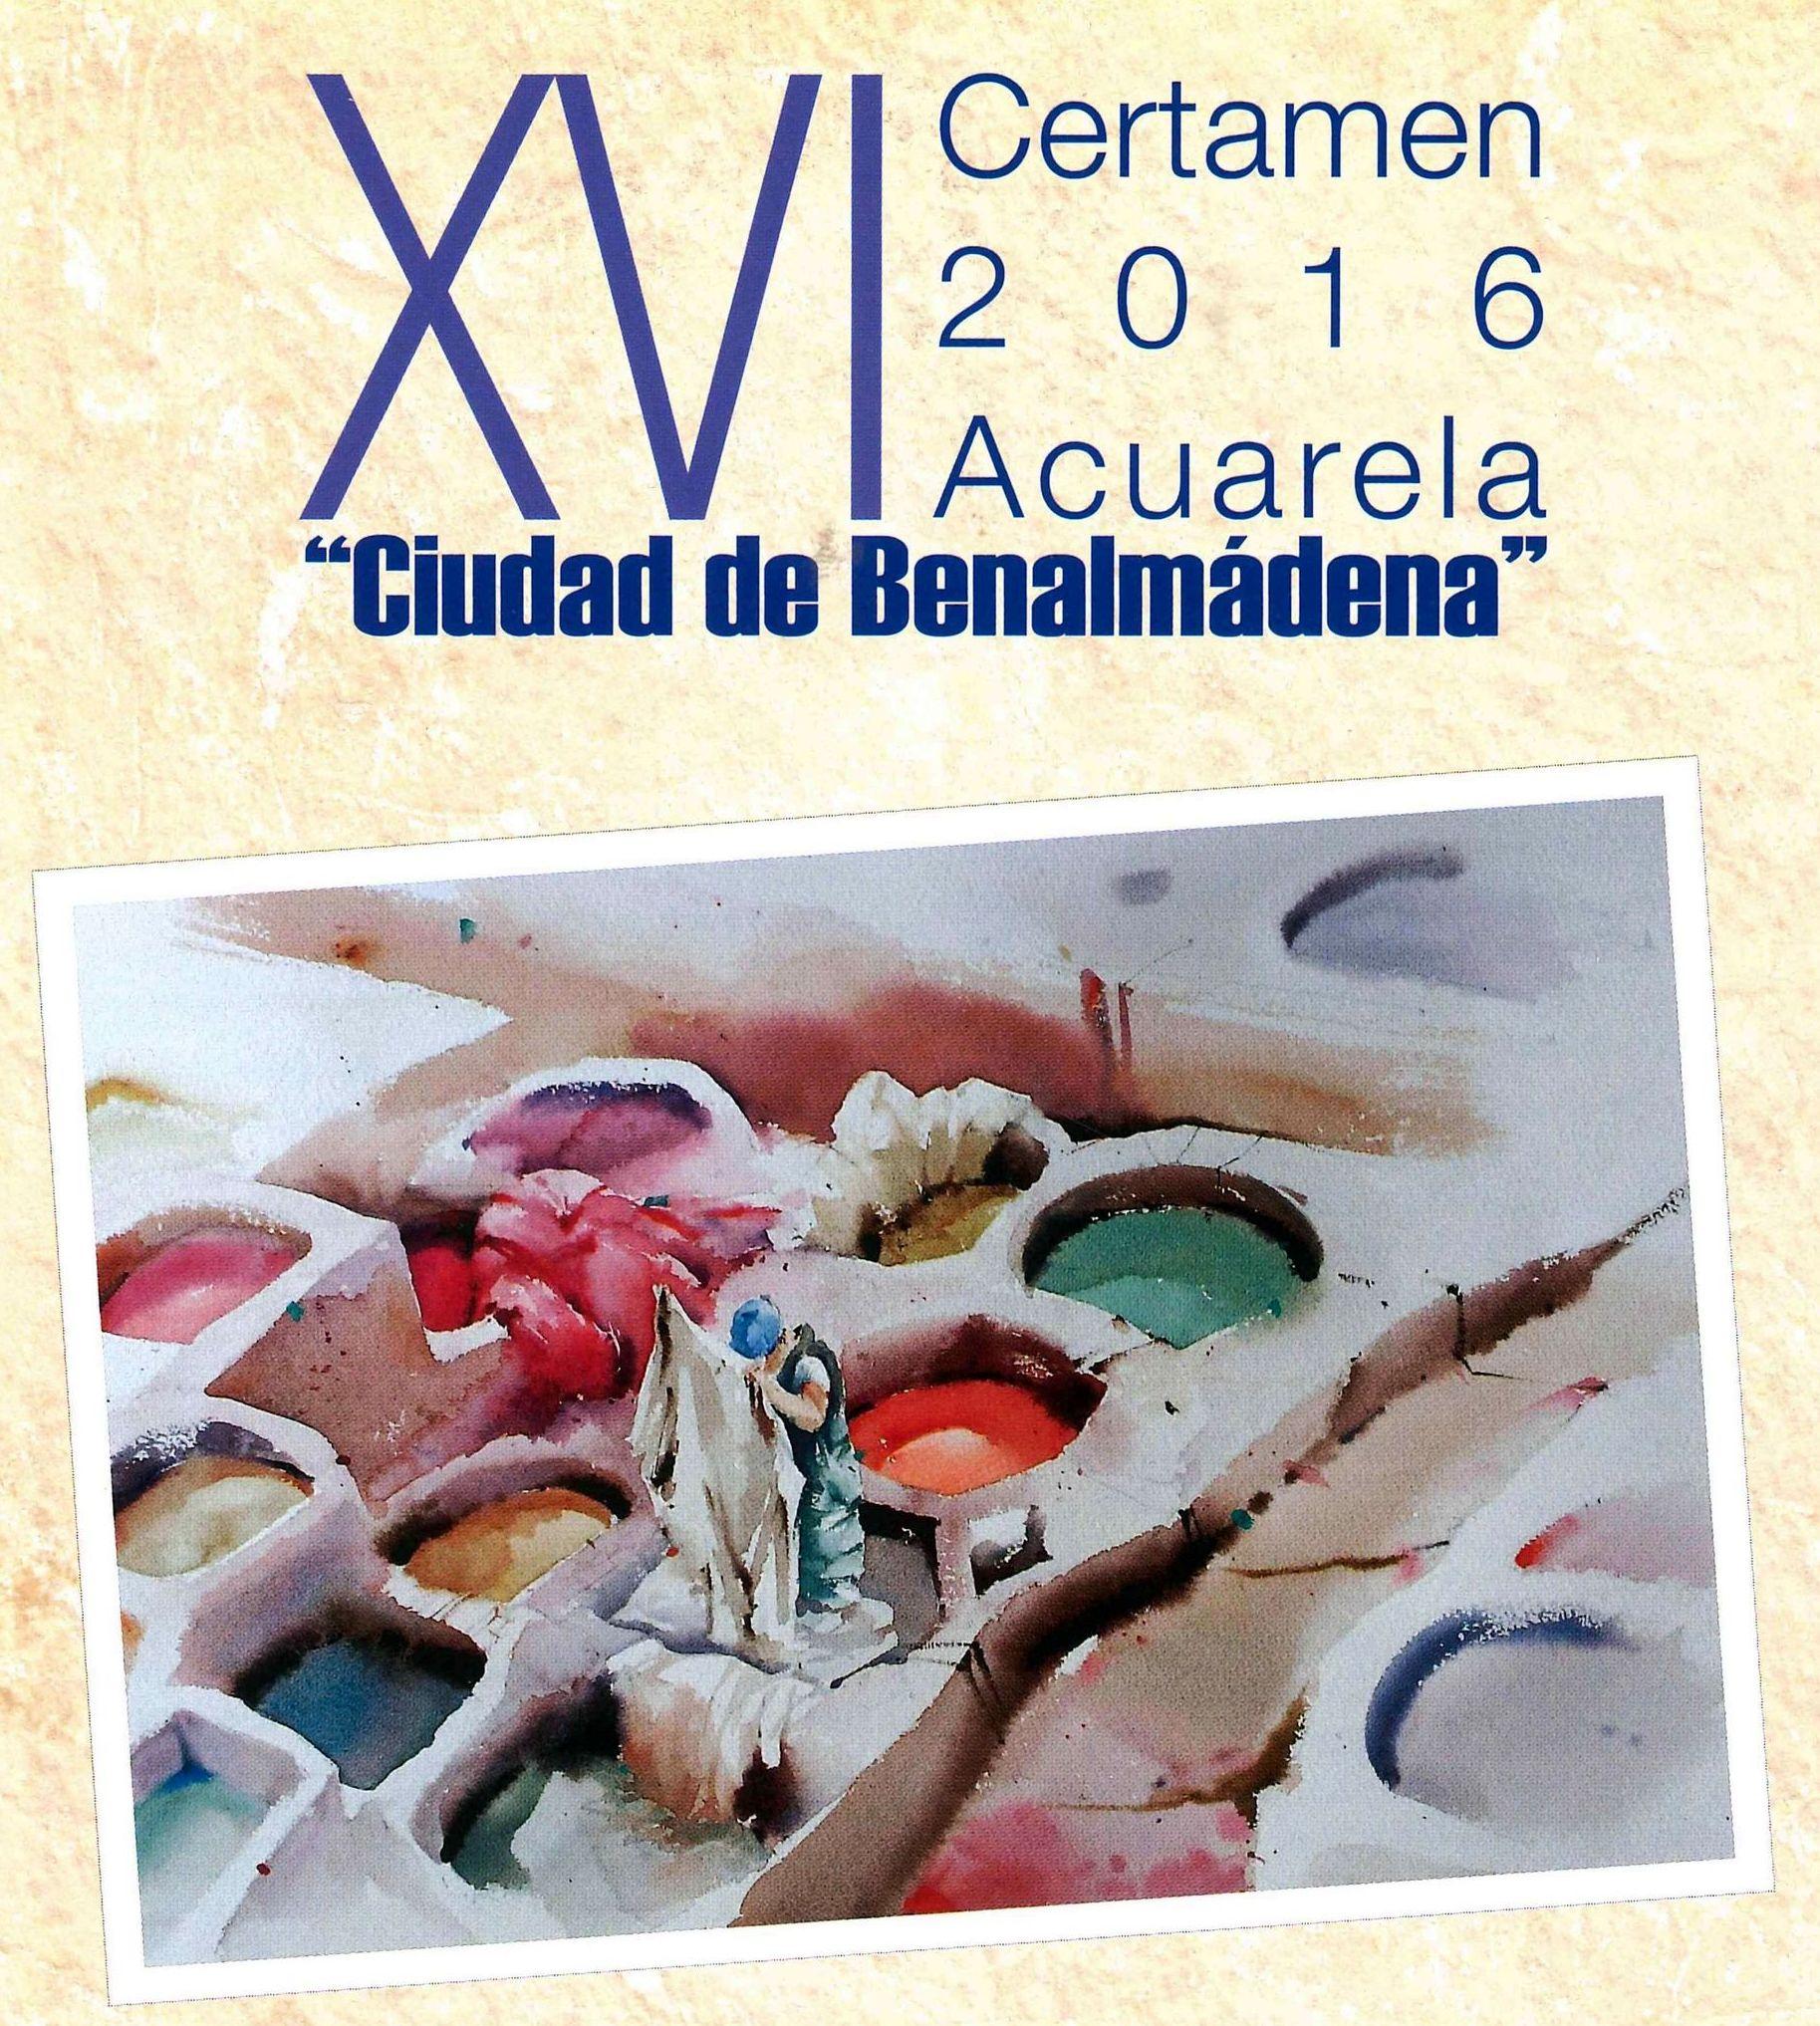 XVI Certamen de Acuarela 'Ciudad de Benalmádena'